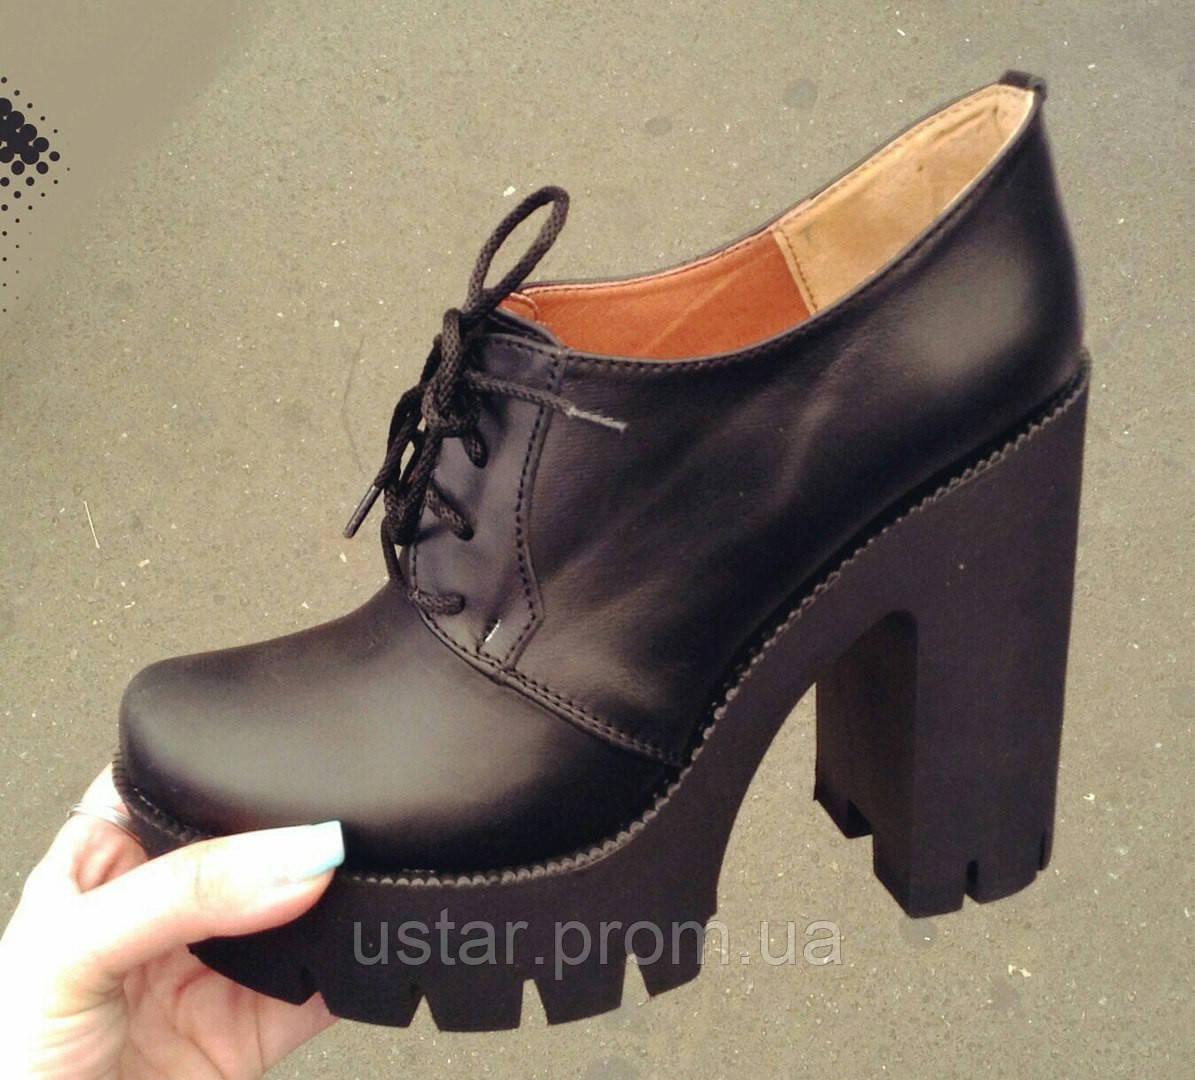 Туфли женские черные на шнурках на толстом каблуке Натуральная Замша   Кожа 1f6599d913947